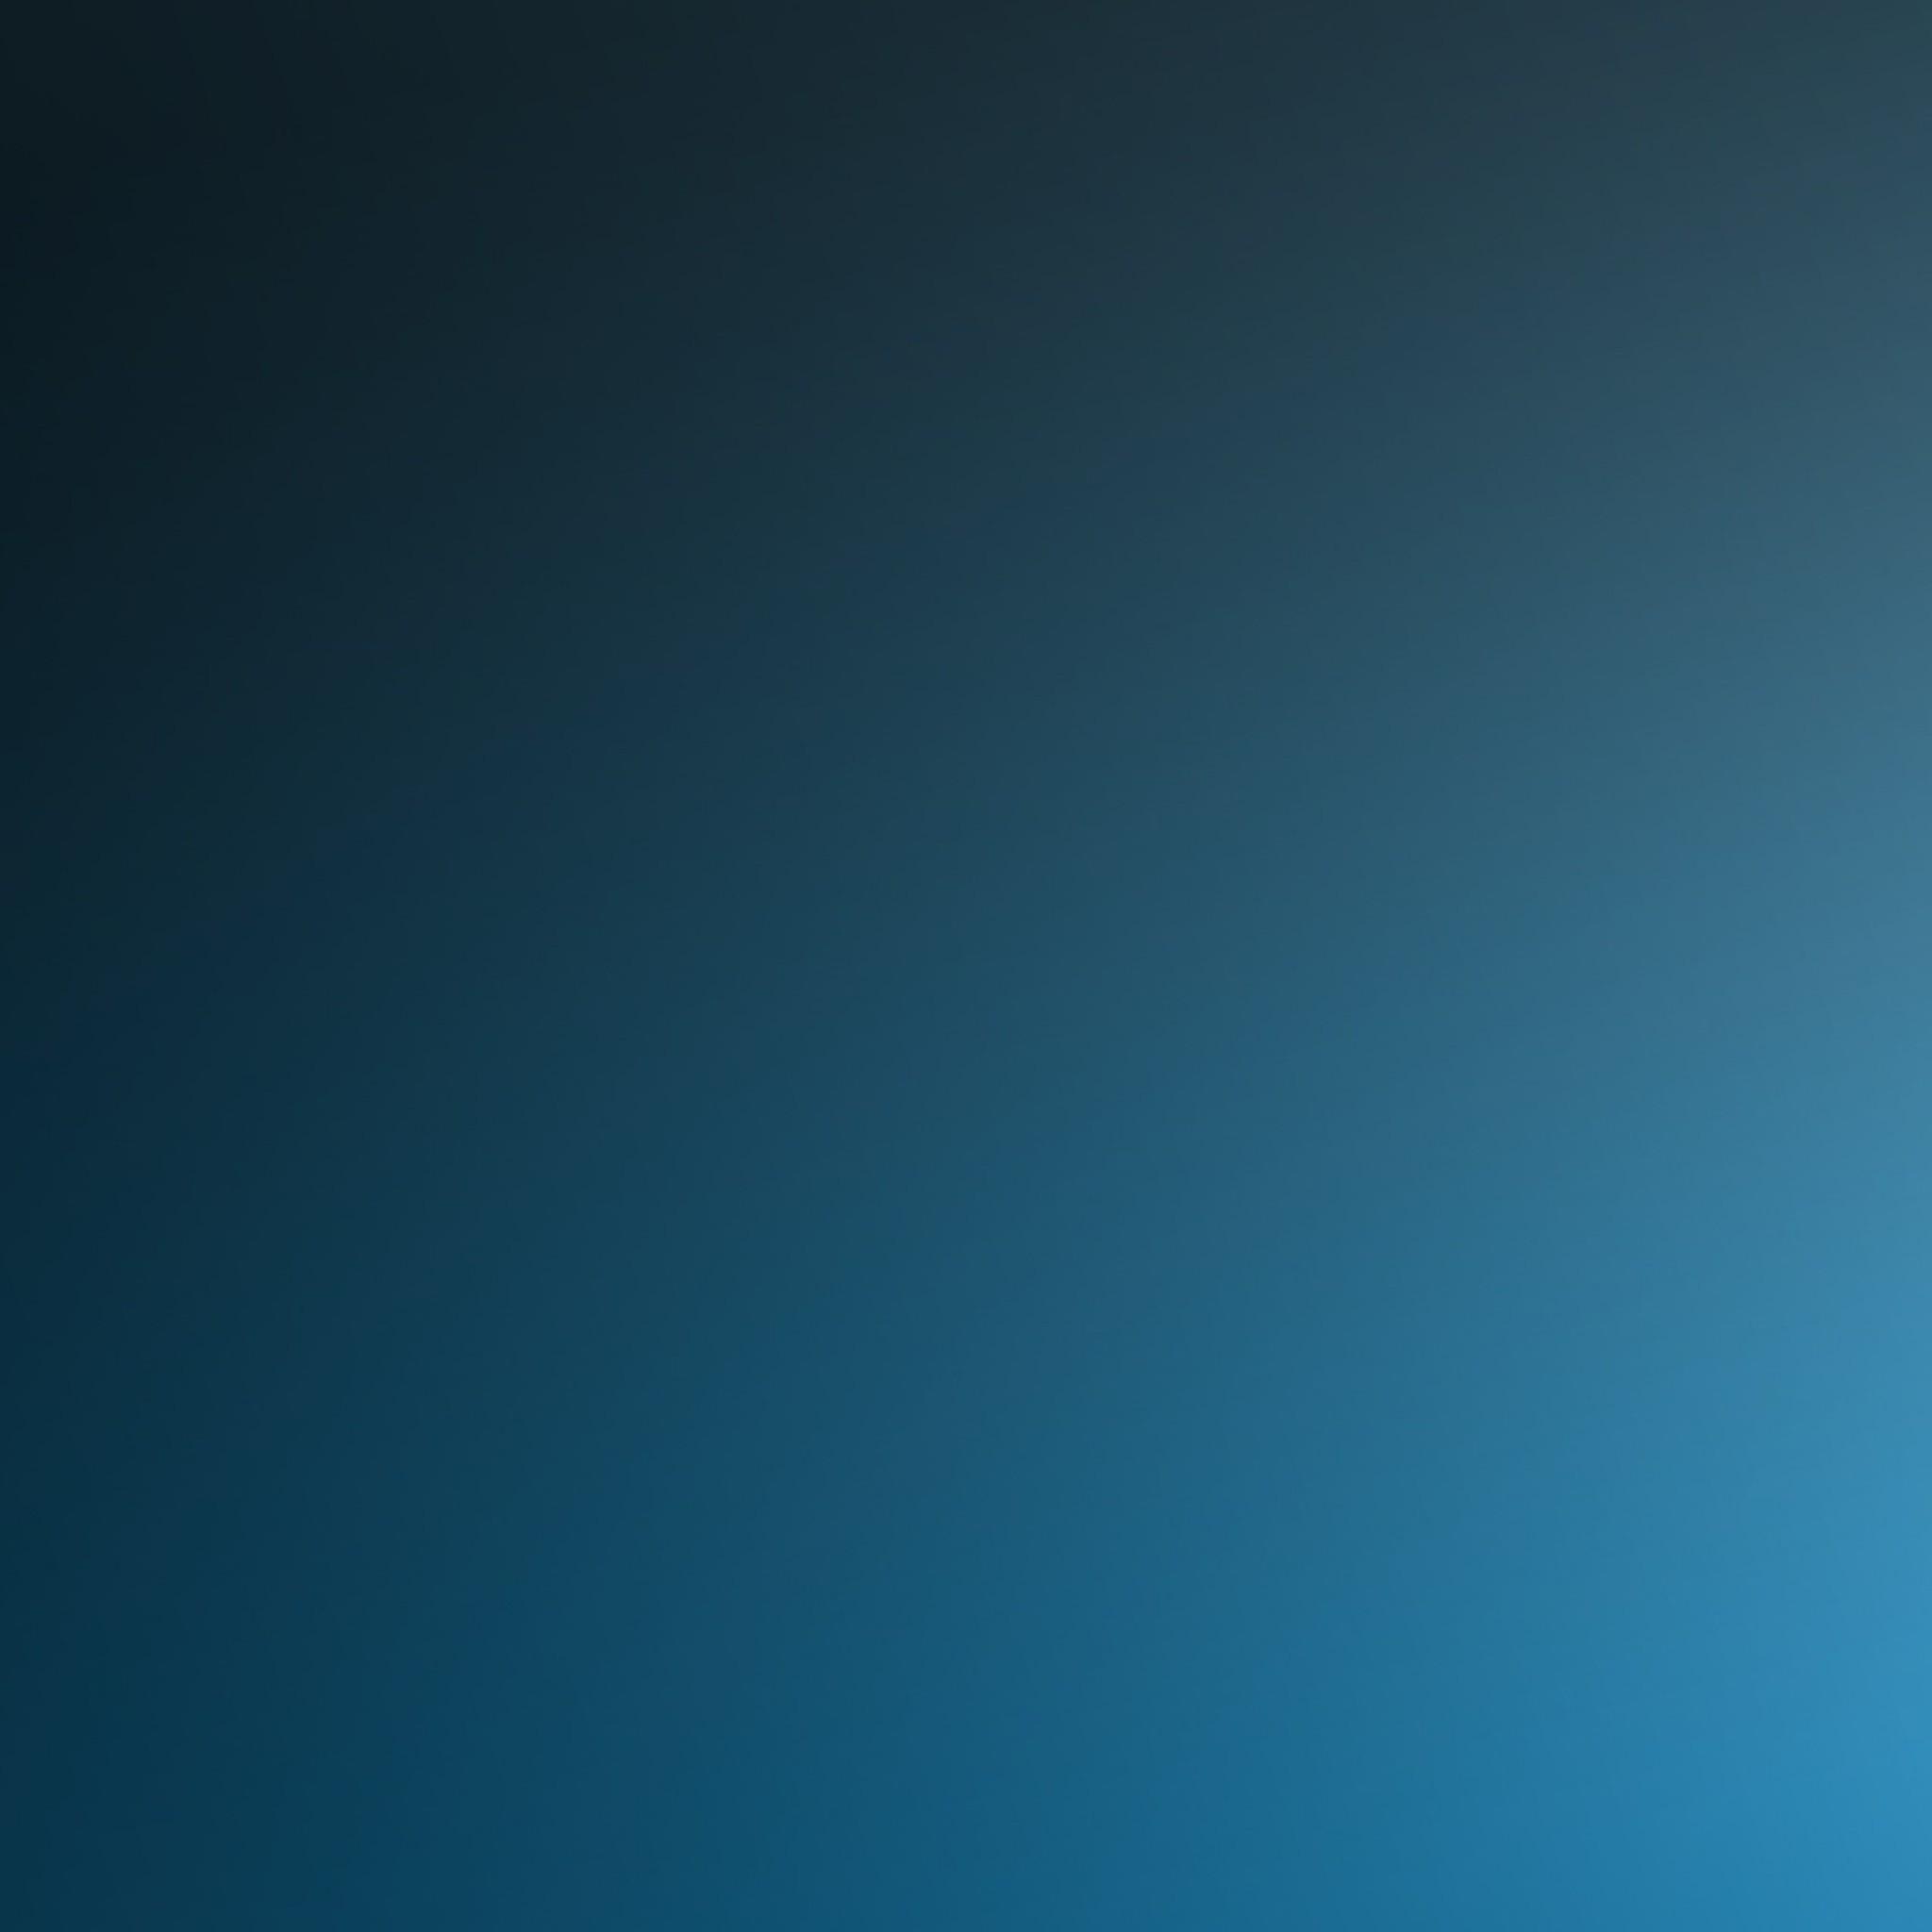 Solid Color Iphone Wallpaper 22725 HD Wallpaper Desktop   Res 2048x2048